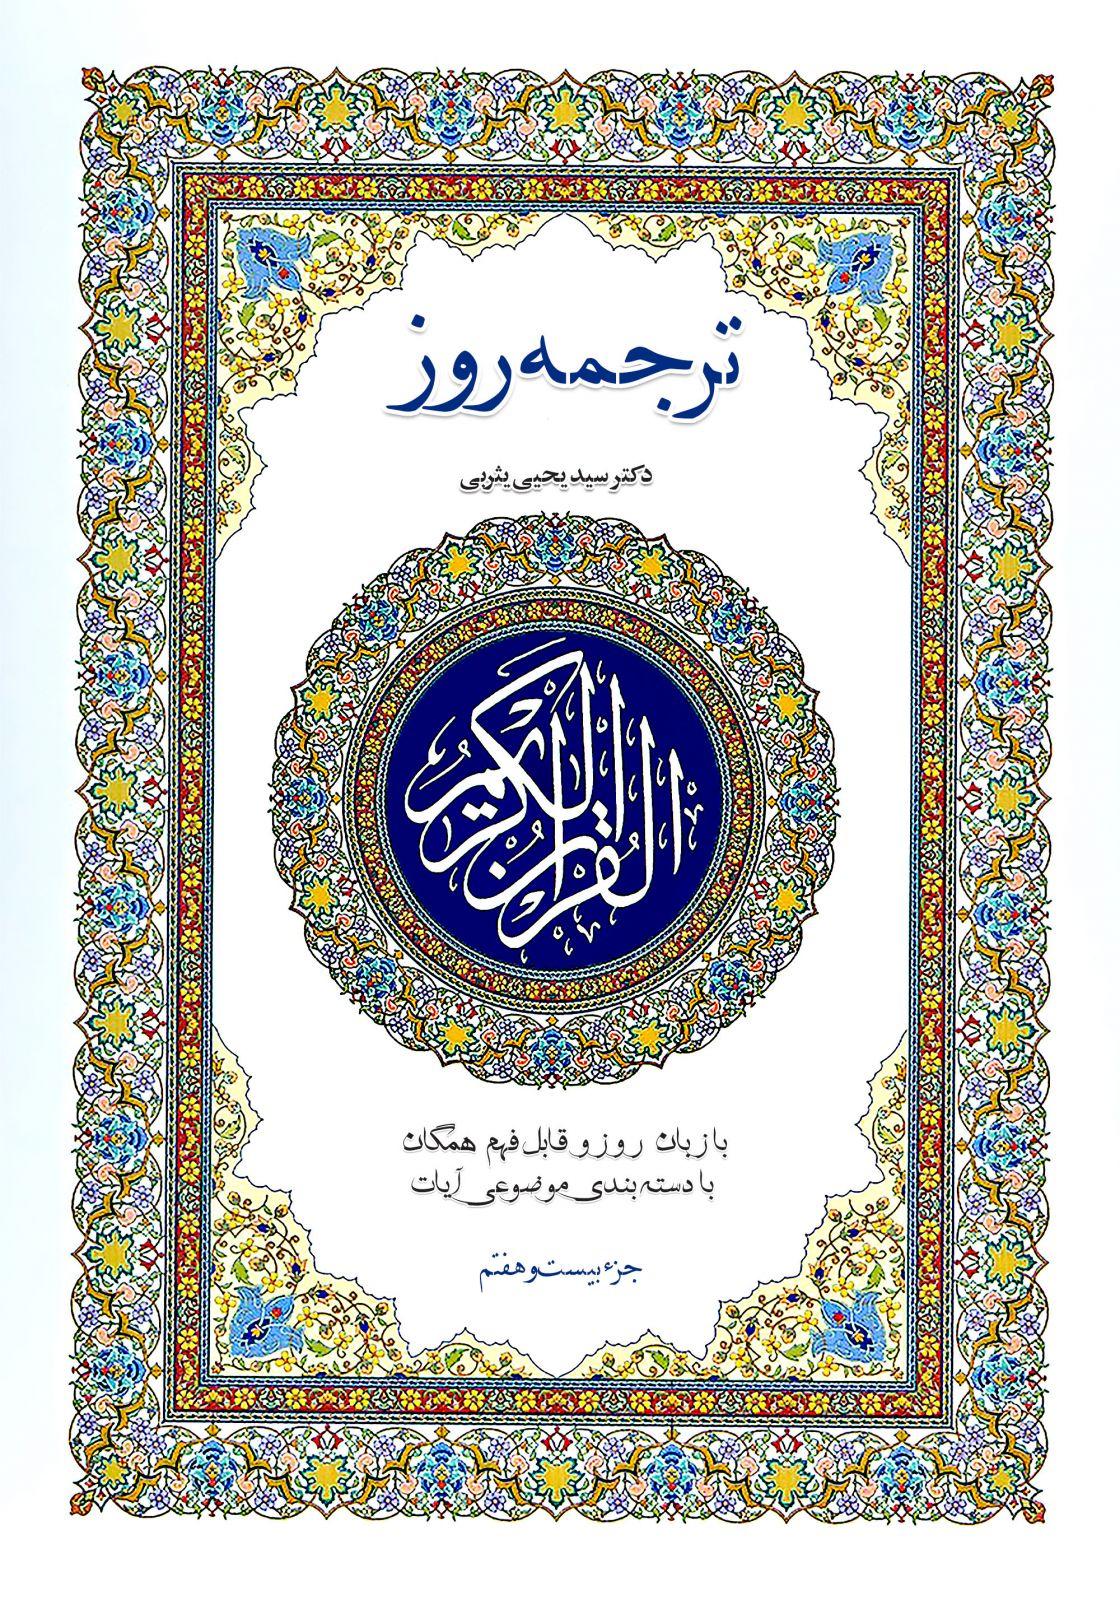 قرآن کریم (جزء بیست و هفتم)